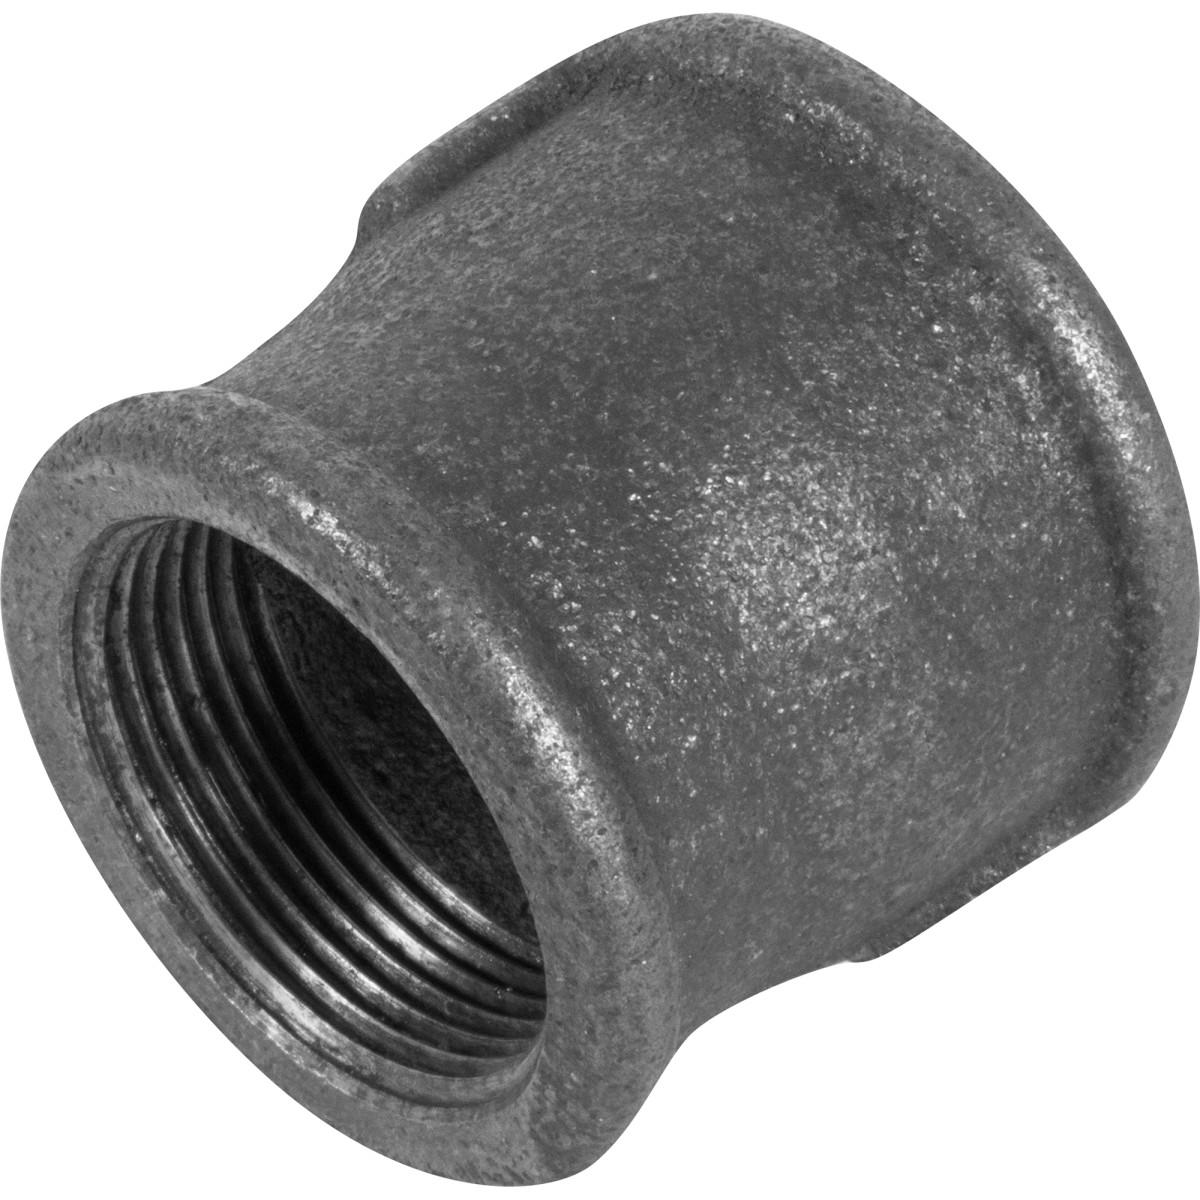 Муфта внутренняя резьба 1 1/4х1 1/2 мм ковкий чугун